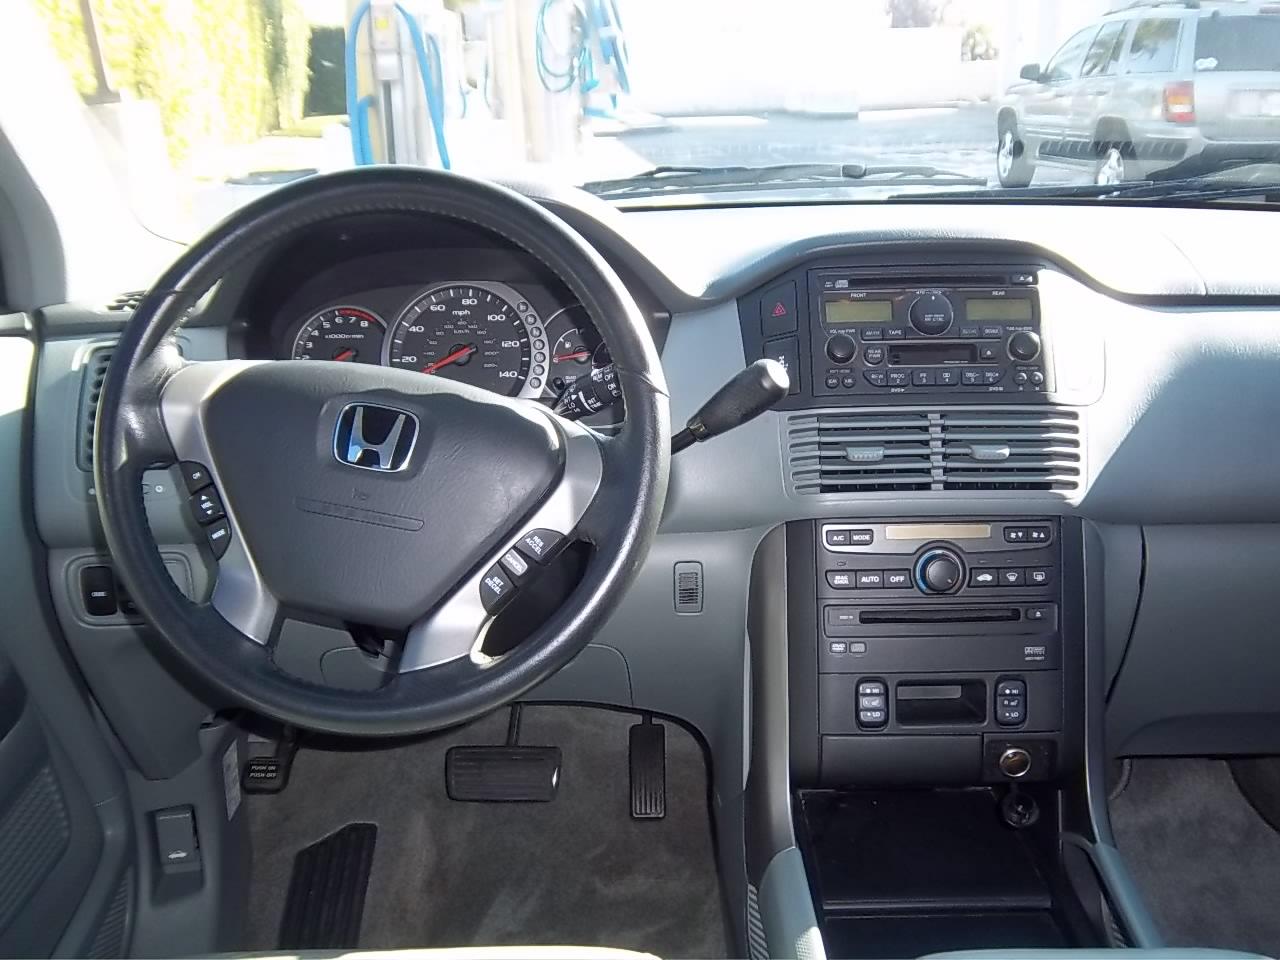 2004 Honda Pilot - Interior Pictures